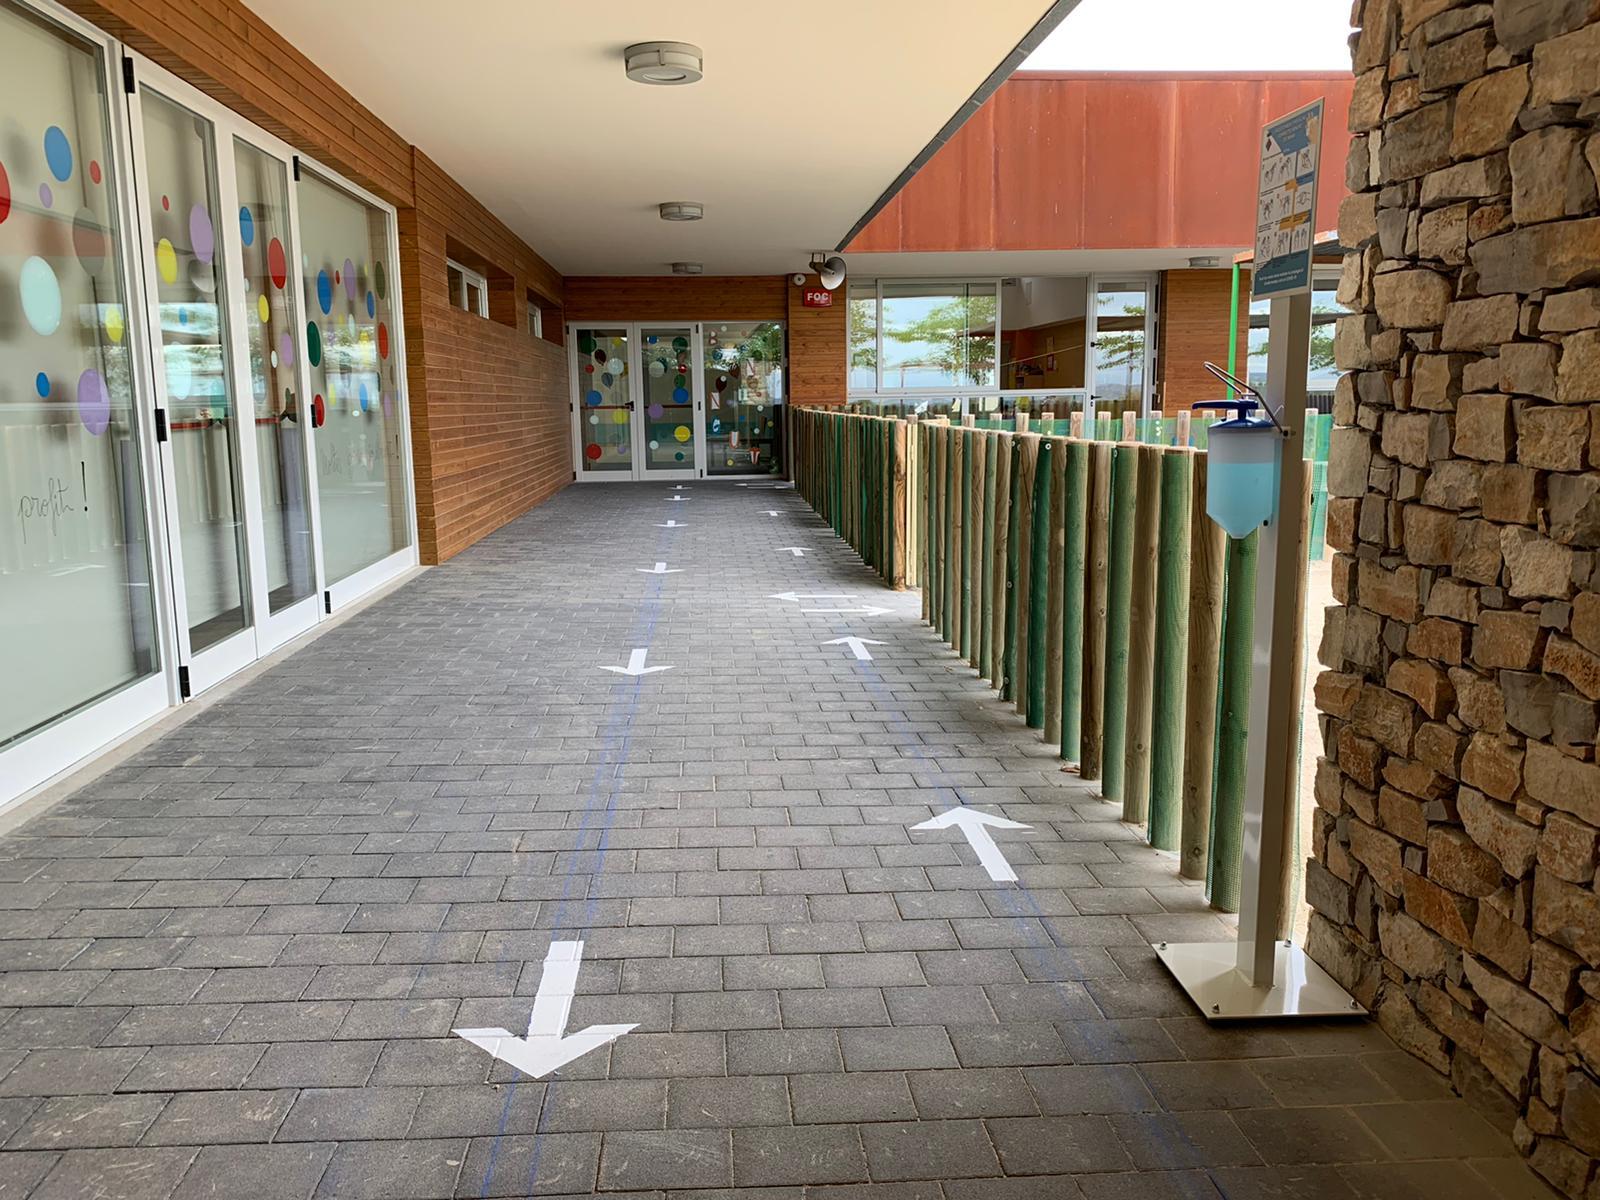 S'aprova un contracte per desinfectar els accessos als centres educatius de la Bisbal